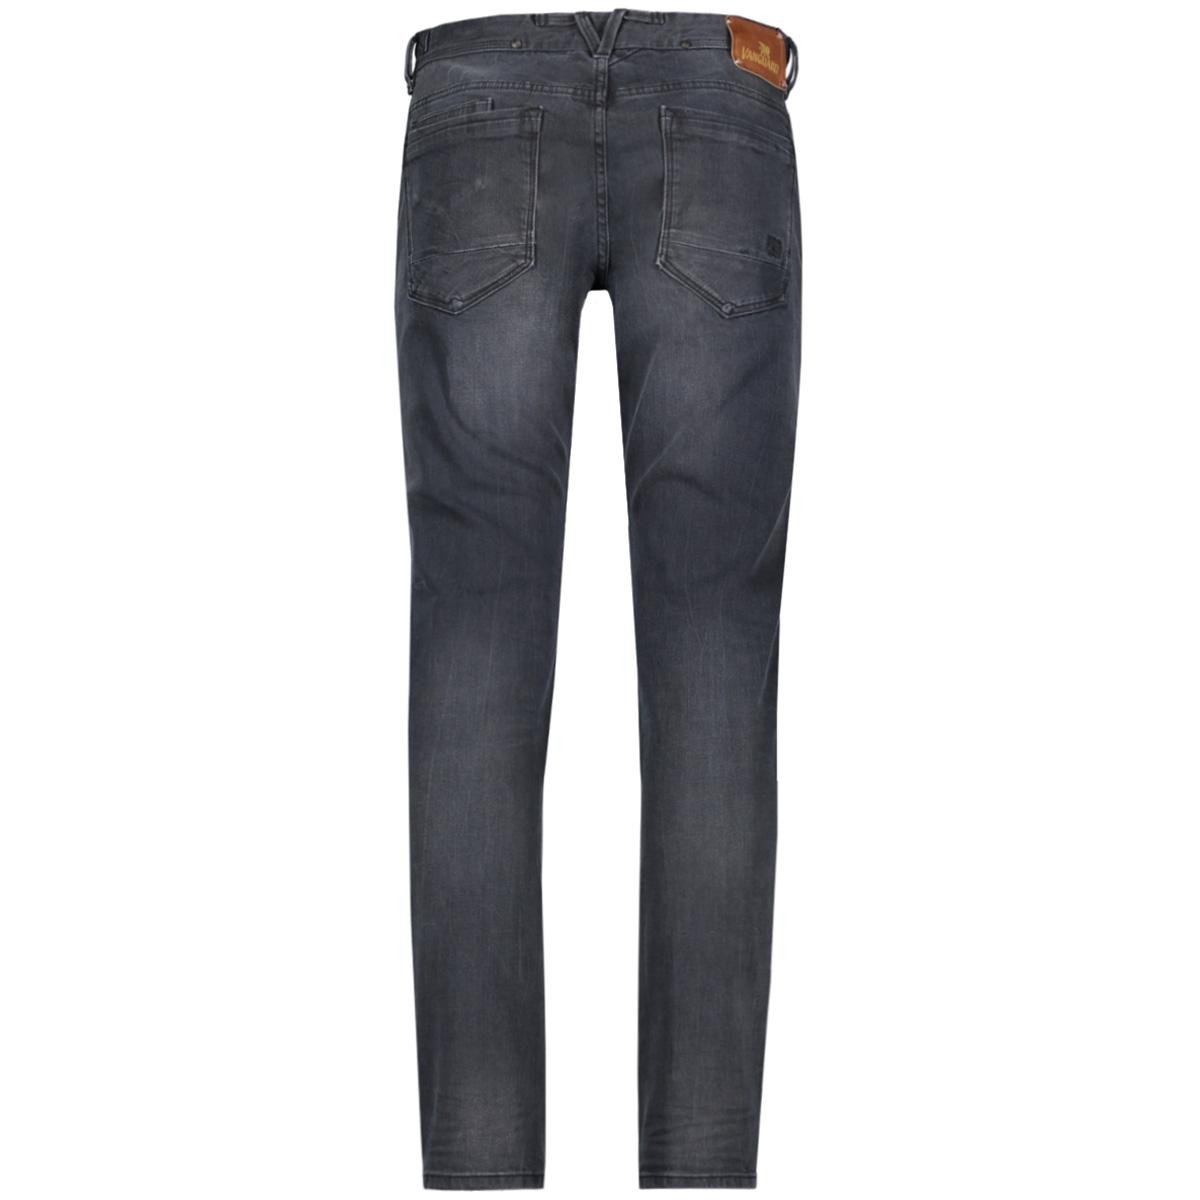 vtr178525 v8 racer vanguard jeans gbi